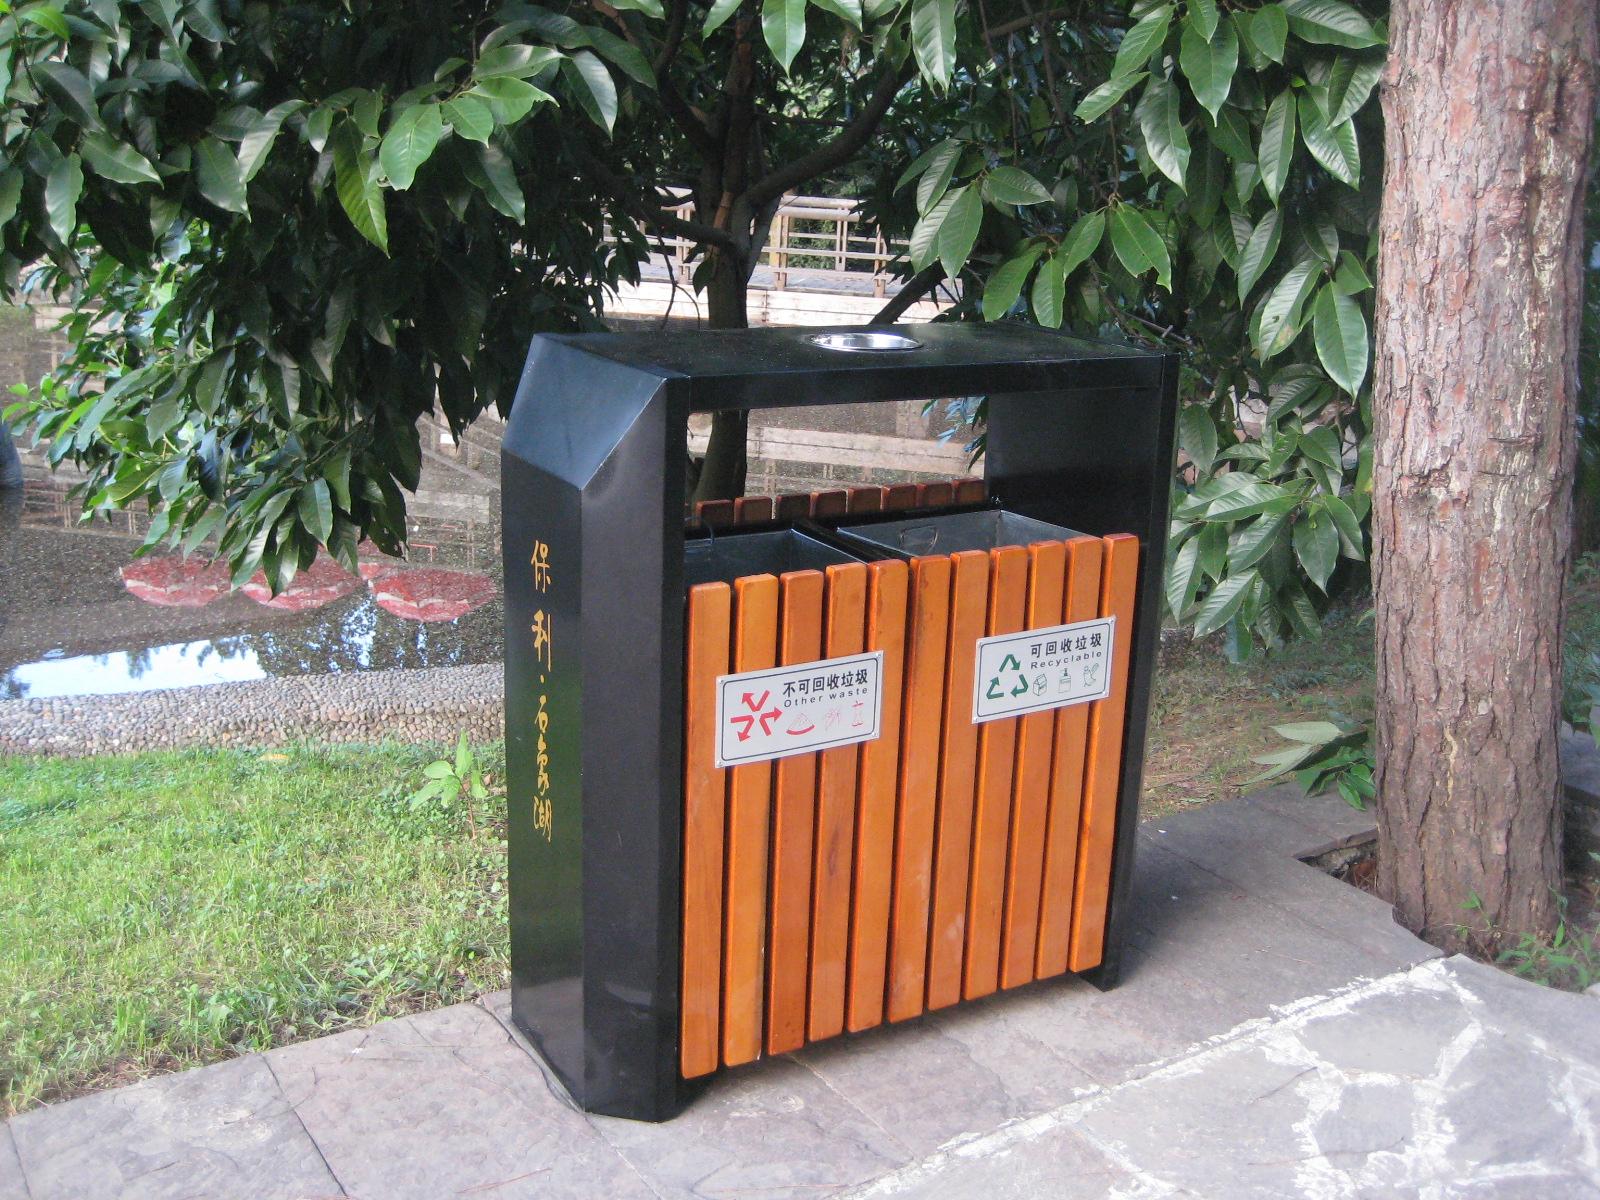 鋼木雙桶垃圾桶XB4-010